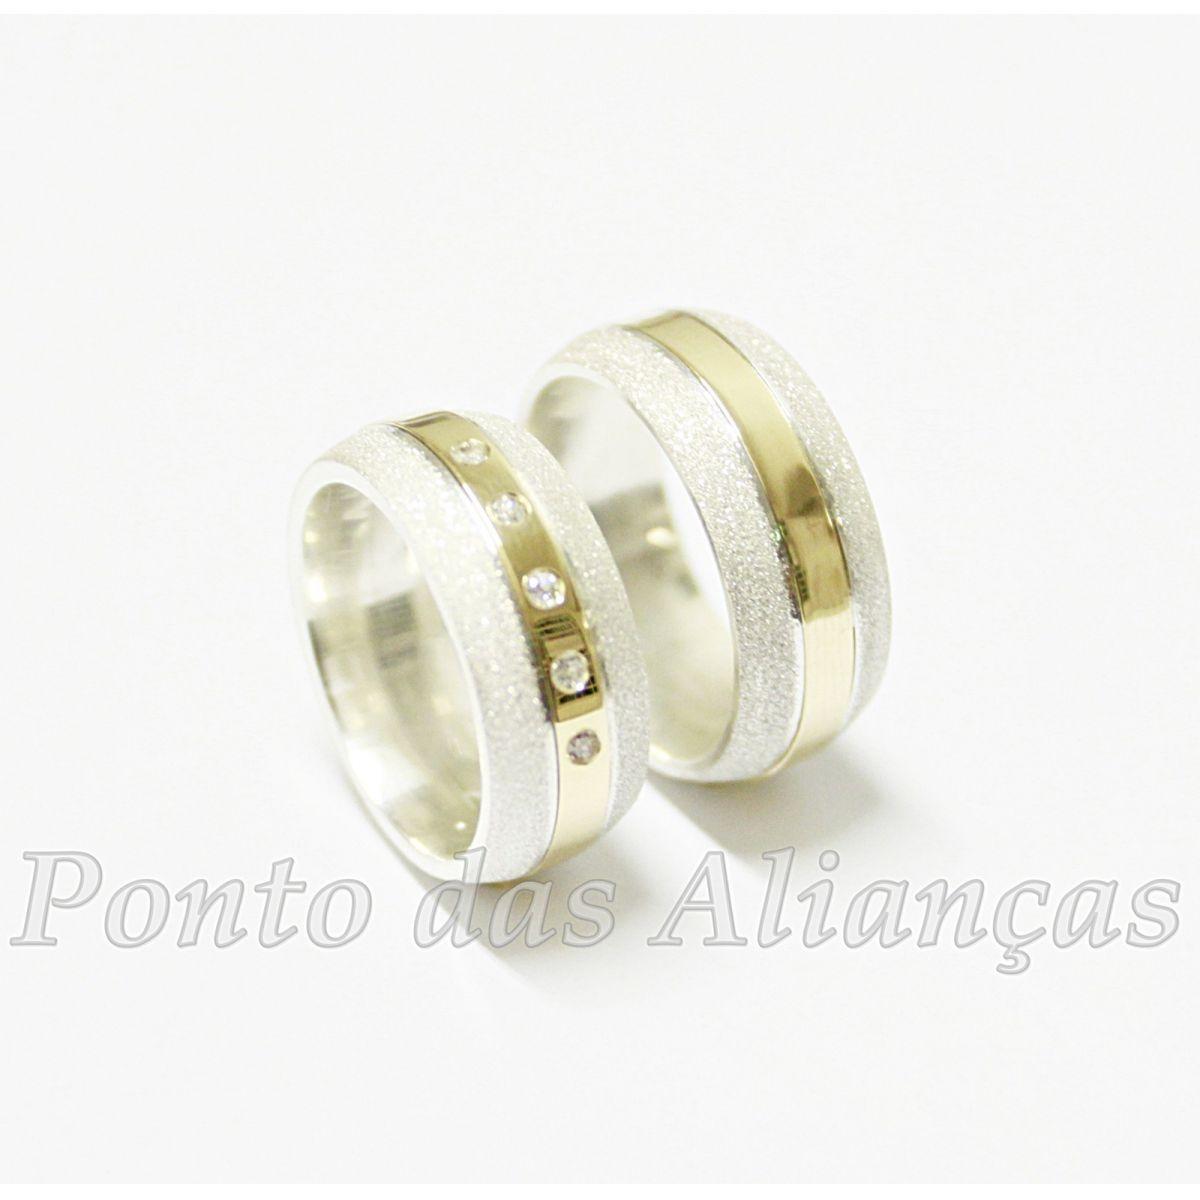 Alianças de Ouro e Prata Casamento ou Noivado - 523